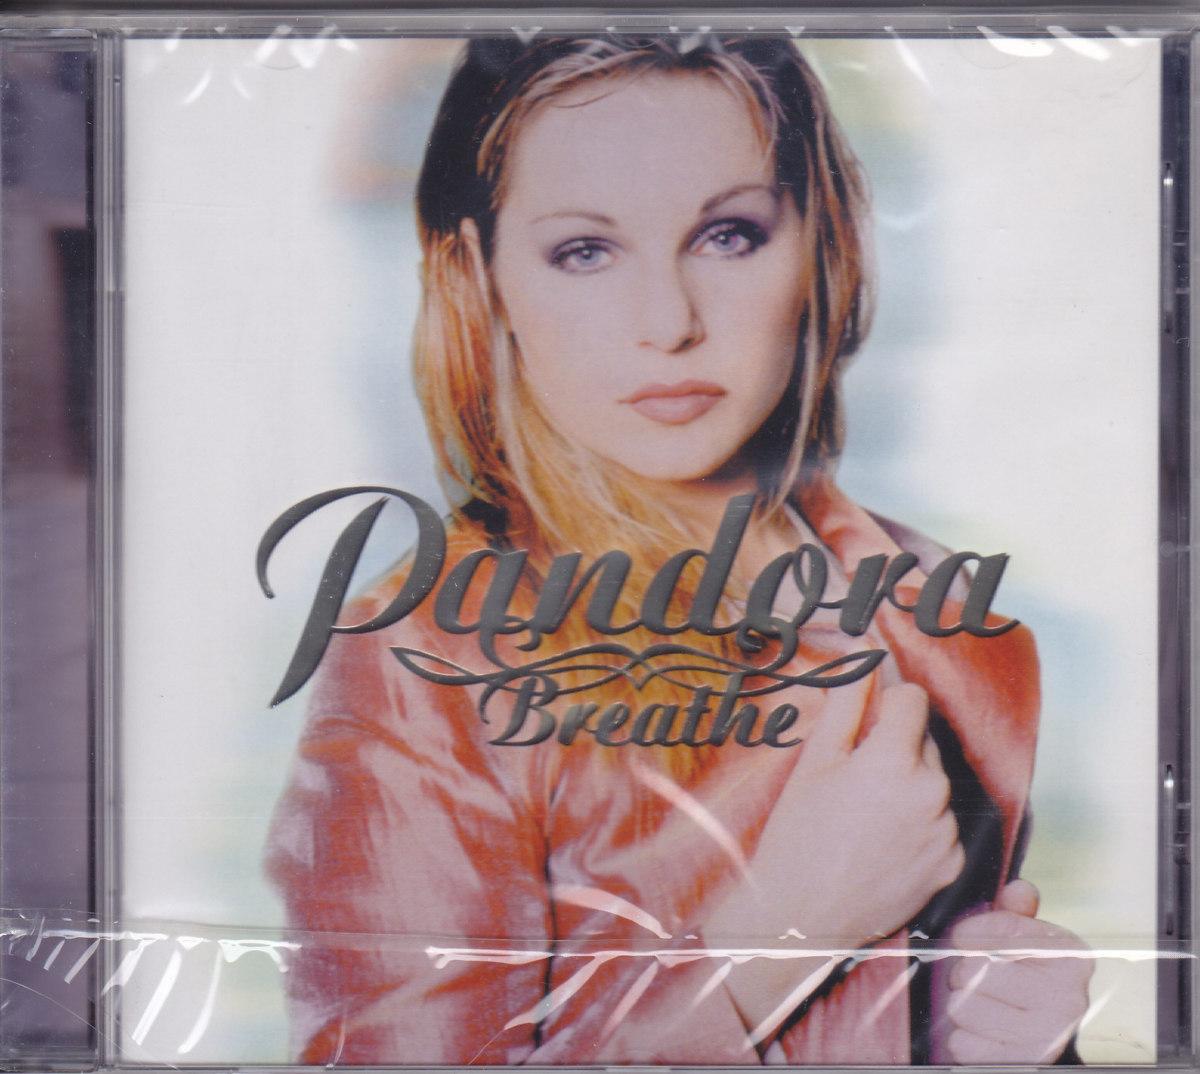 パンドラ Pandora - Breathe /EU盤/未開封CD!! 商品管理番号:42969_画像1